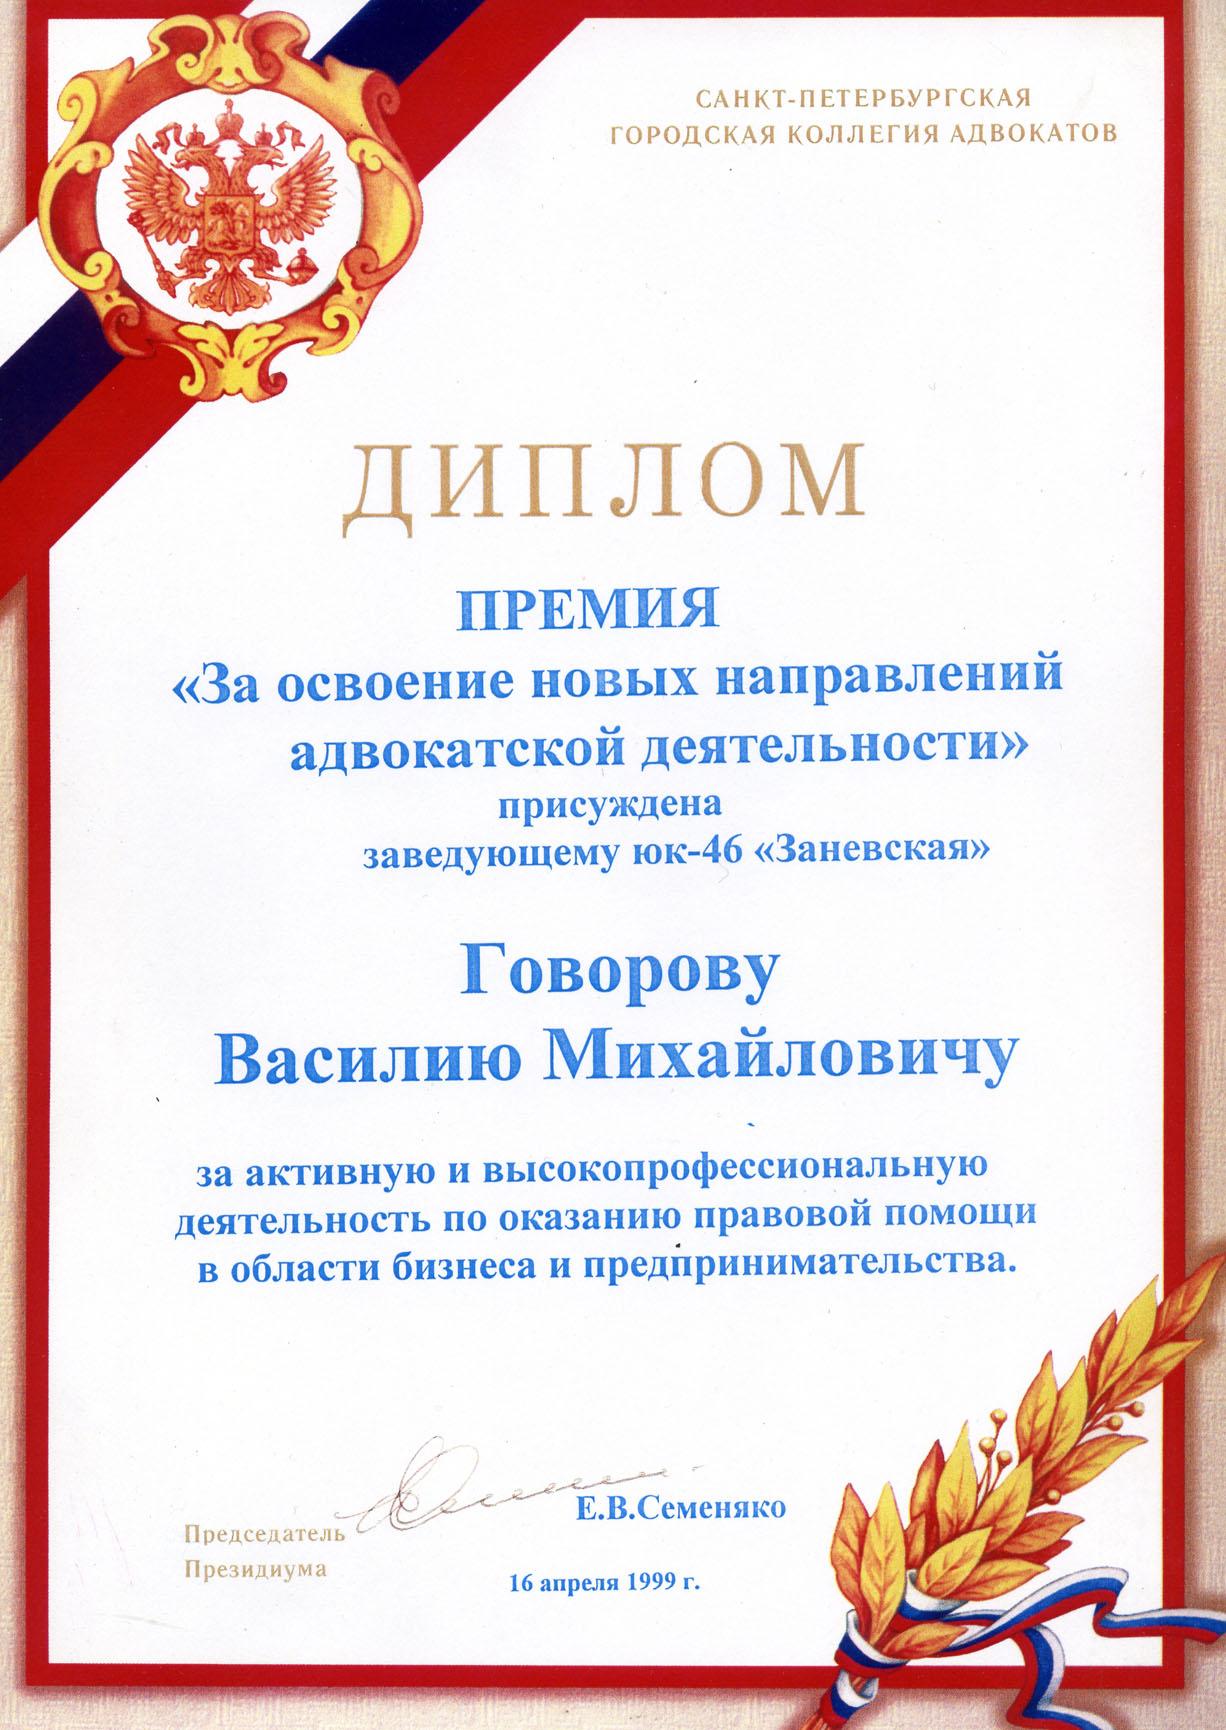 юридическая консультация 46 заневская